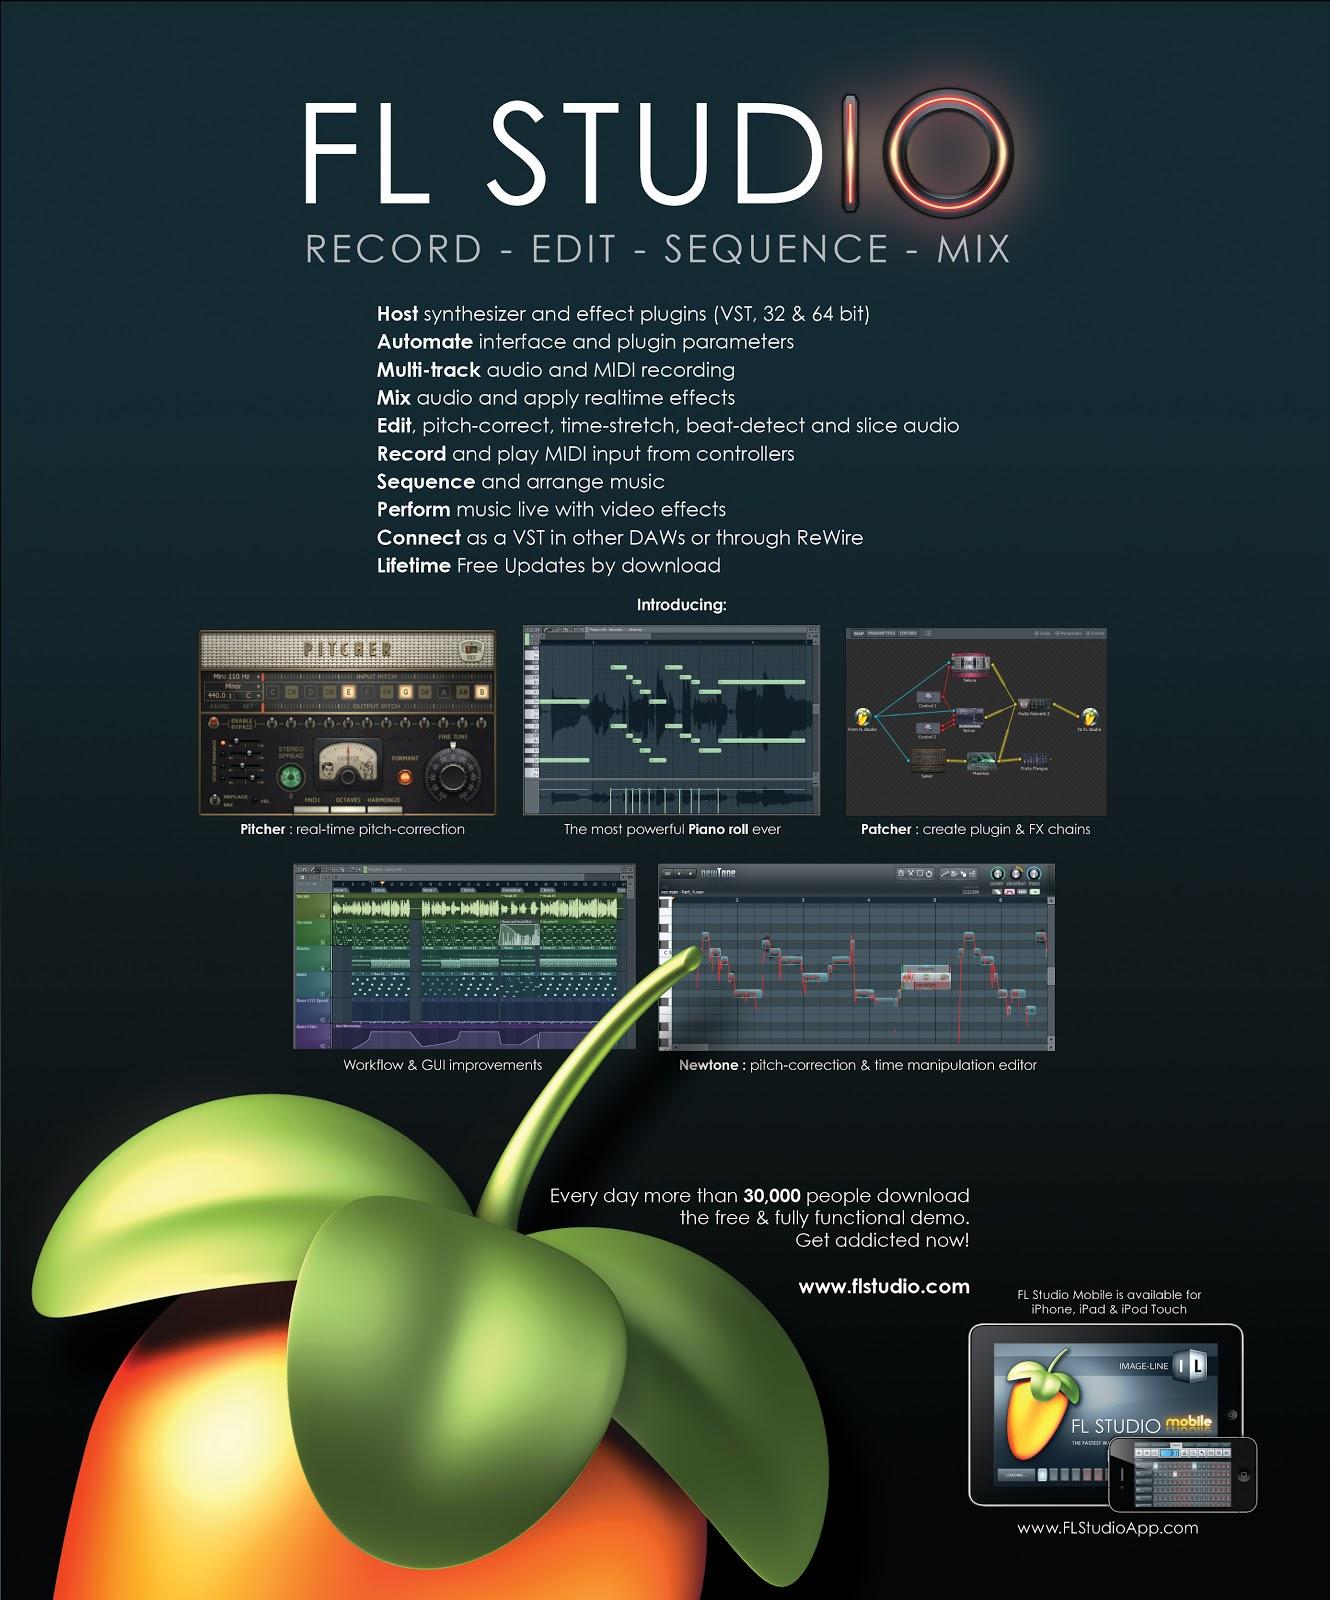 Descargar manual completo Fl Studio en Español